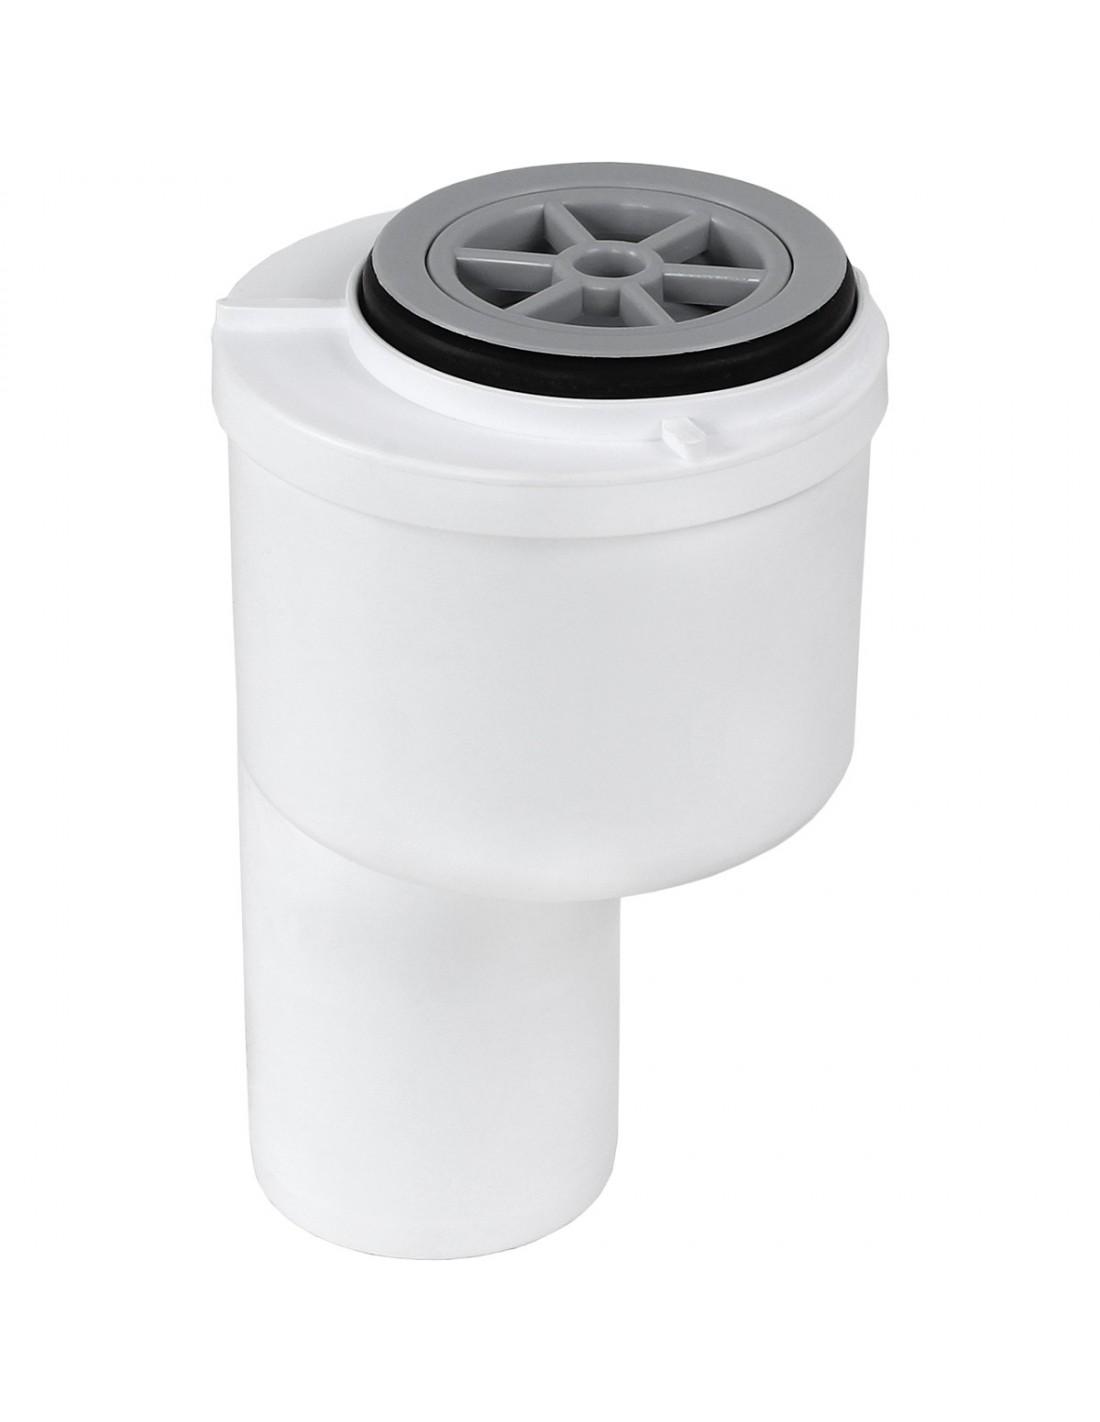 bodengleiche dusche platte wiper 900 x 1200 mm linie mistral modernedusche. Black Bedroom Furniture Sets. Home Design Ideas